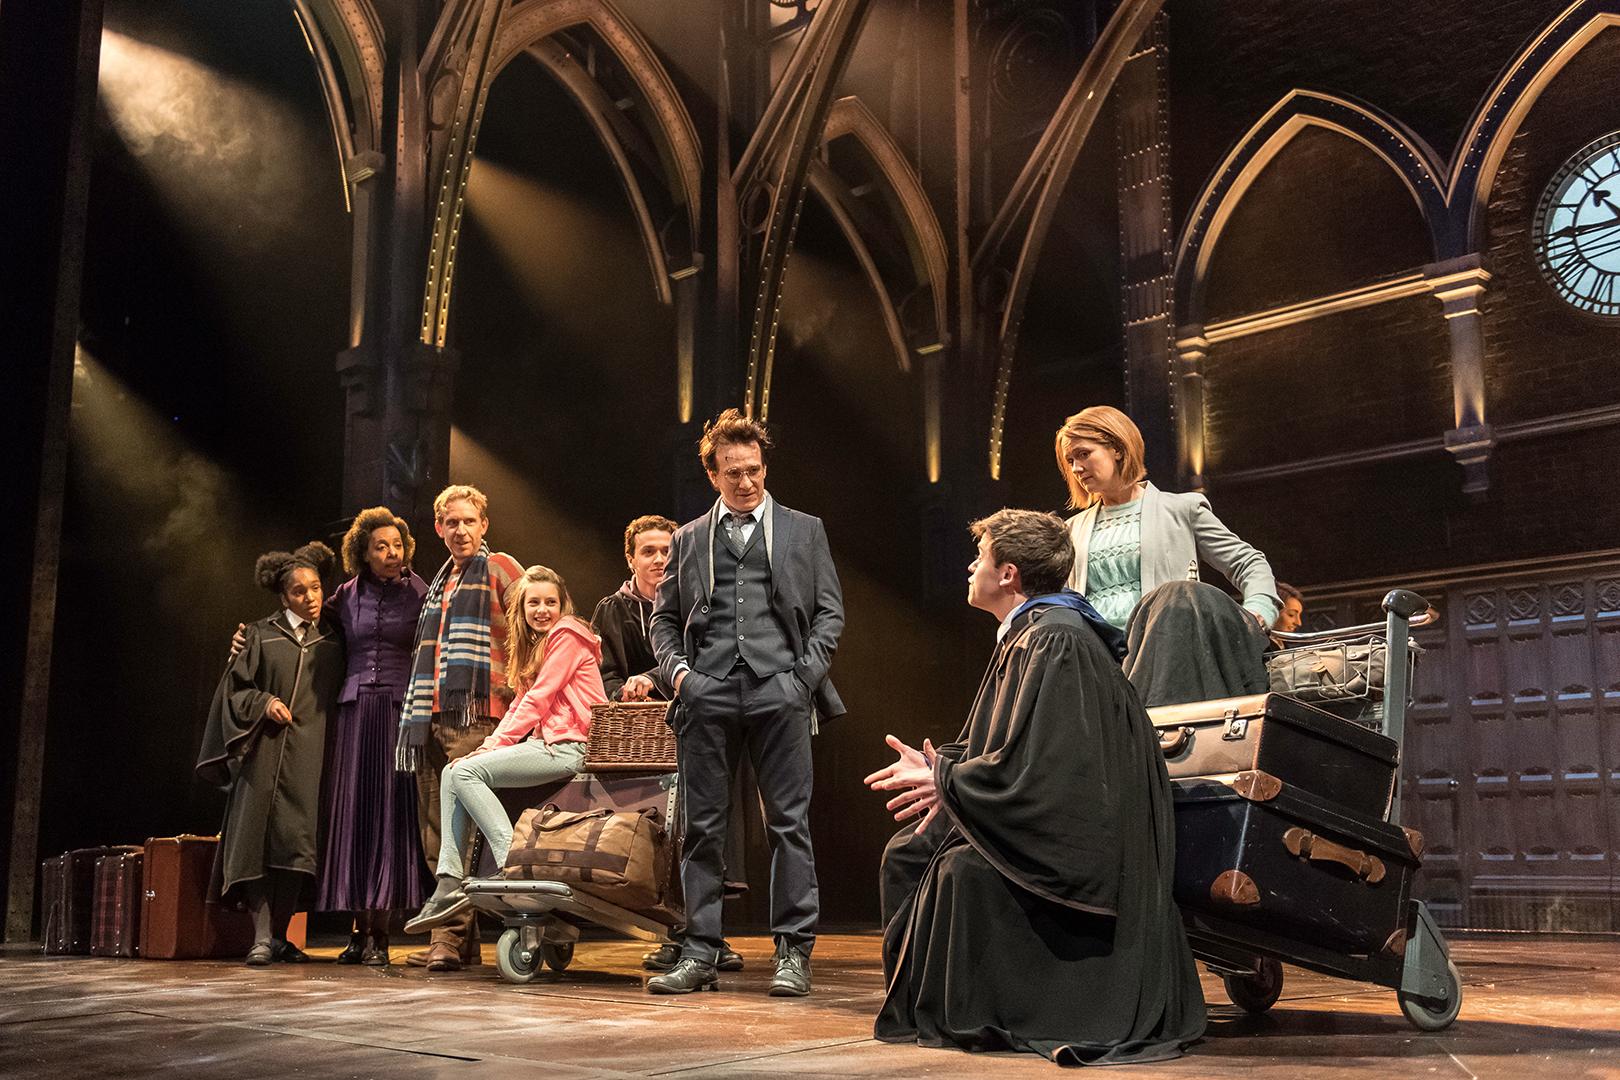 Famílias Granger-Weasley e Potter na estação em King's Cross.